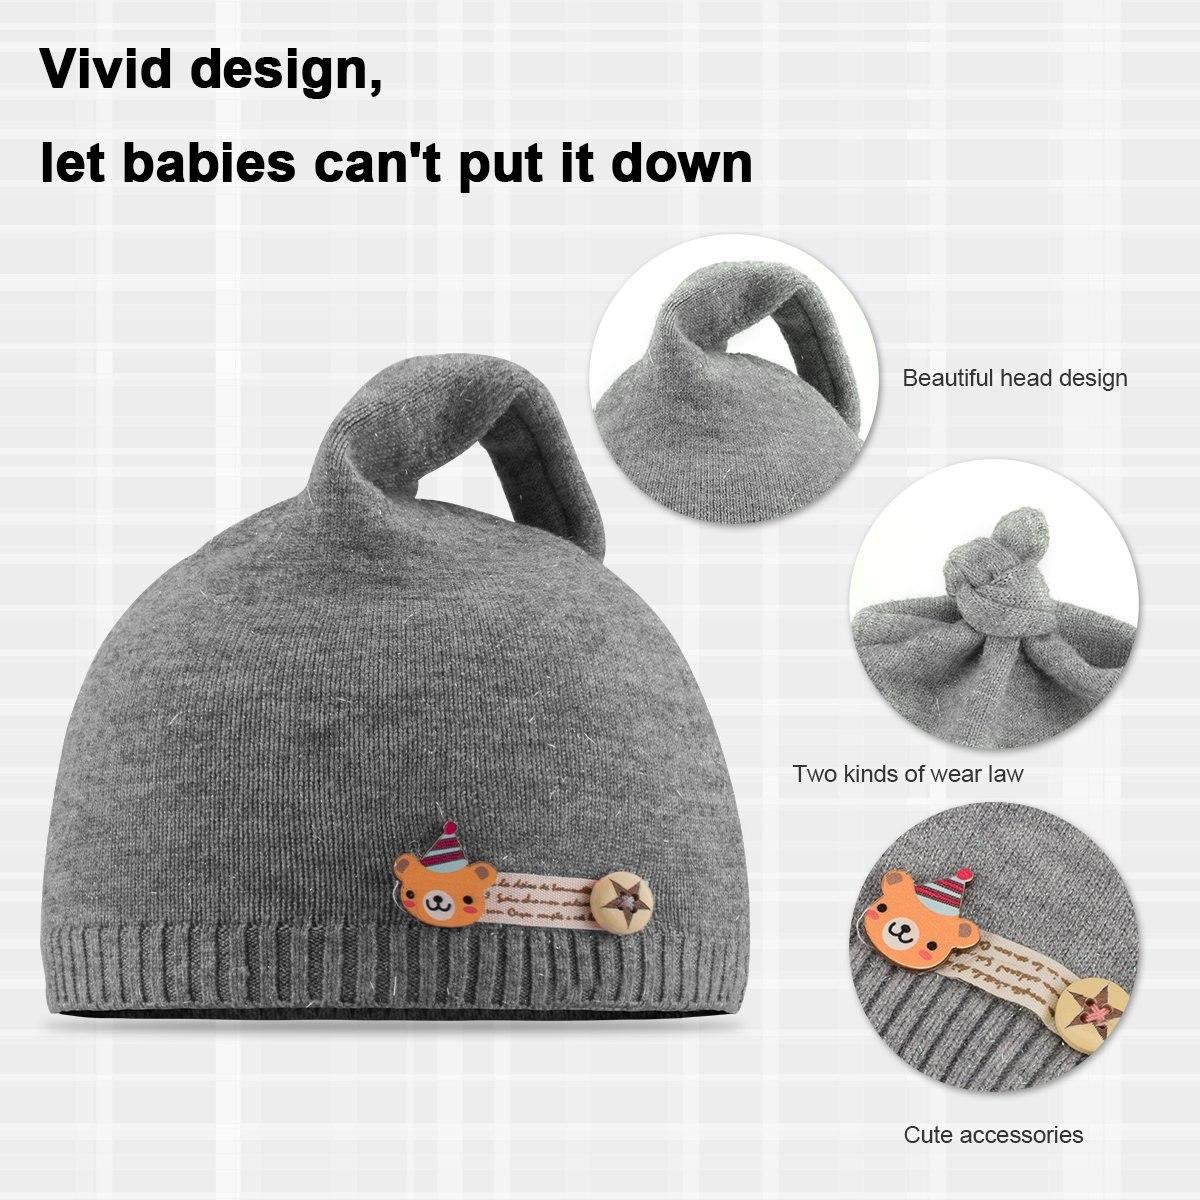 Niofei 2 Pack Baby Winter Beanie Hats Para Bebés Unisex N - U$S 86 ...